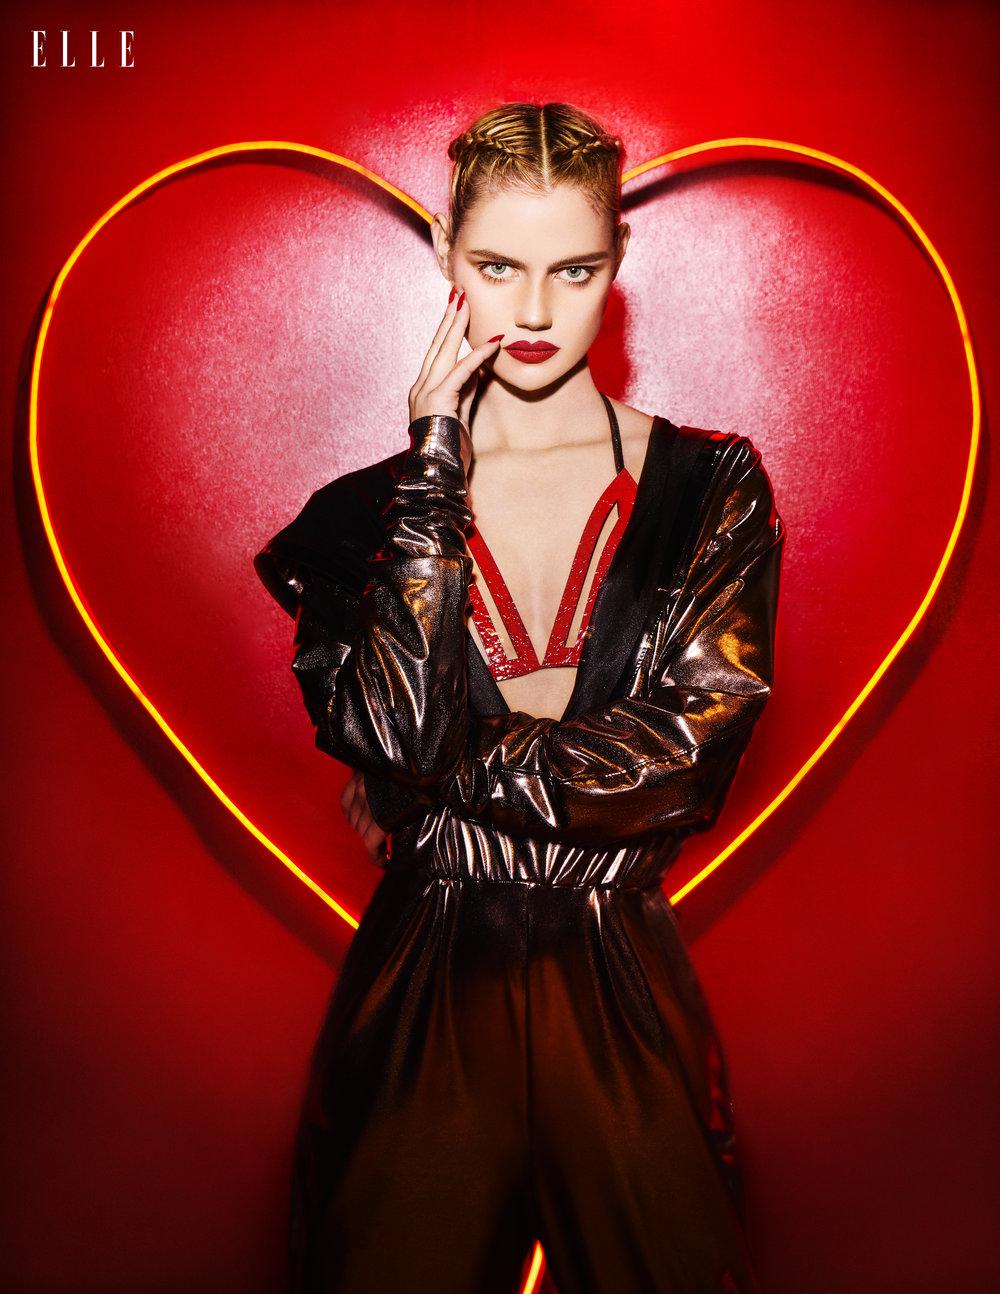 12112016 - elle kz queen of hearts1142.jpg